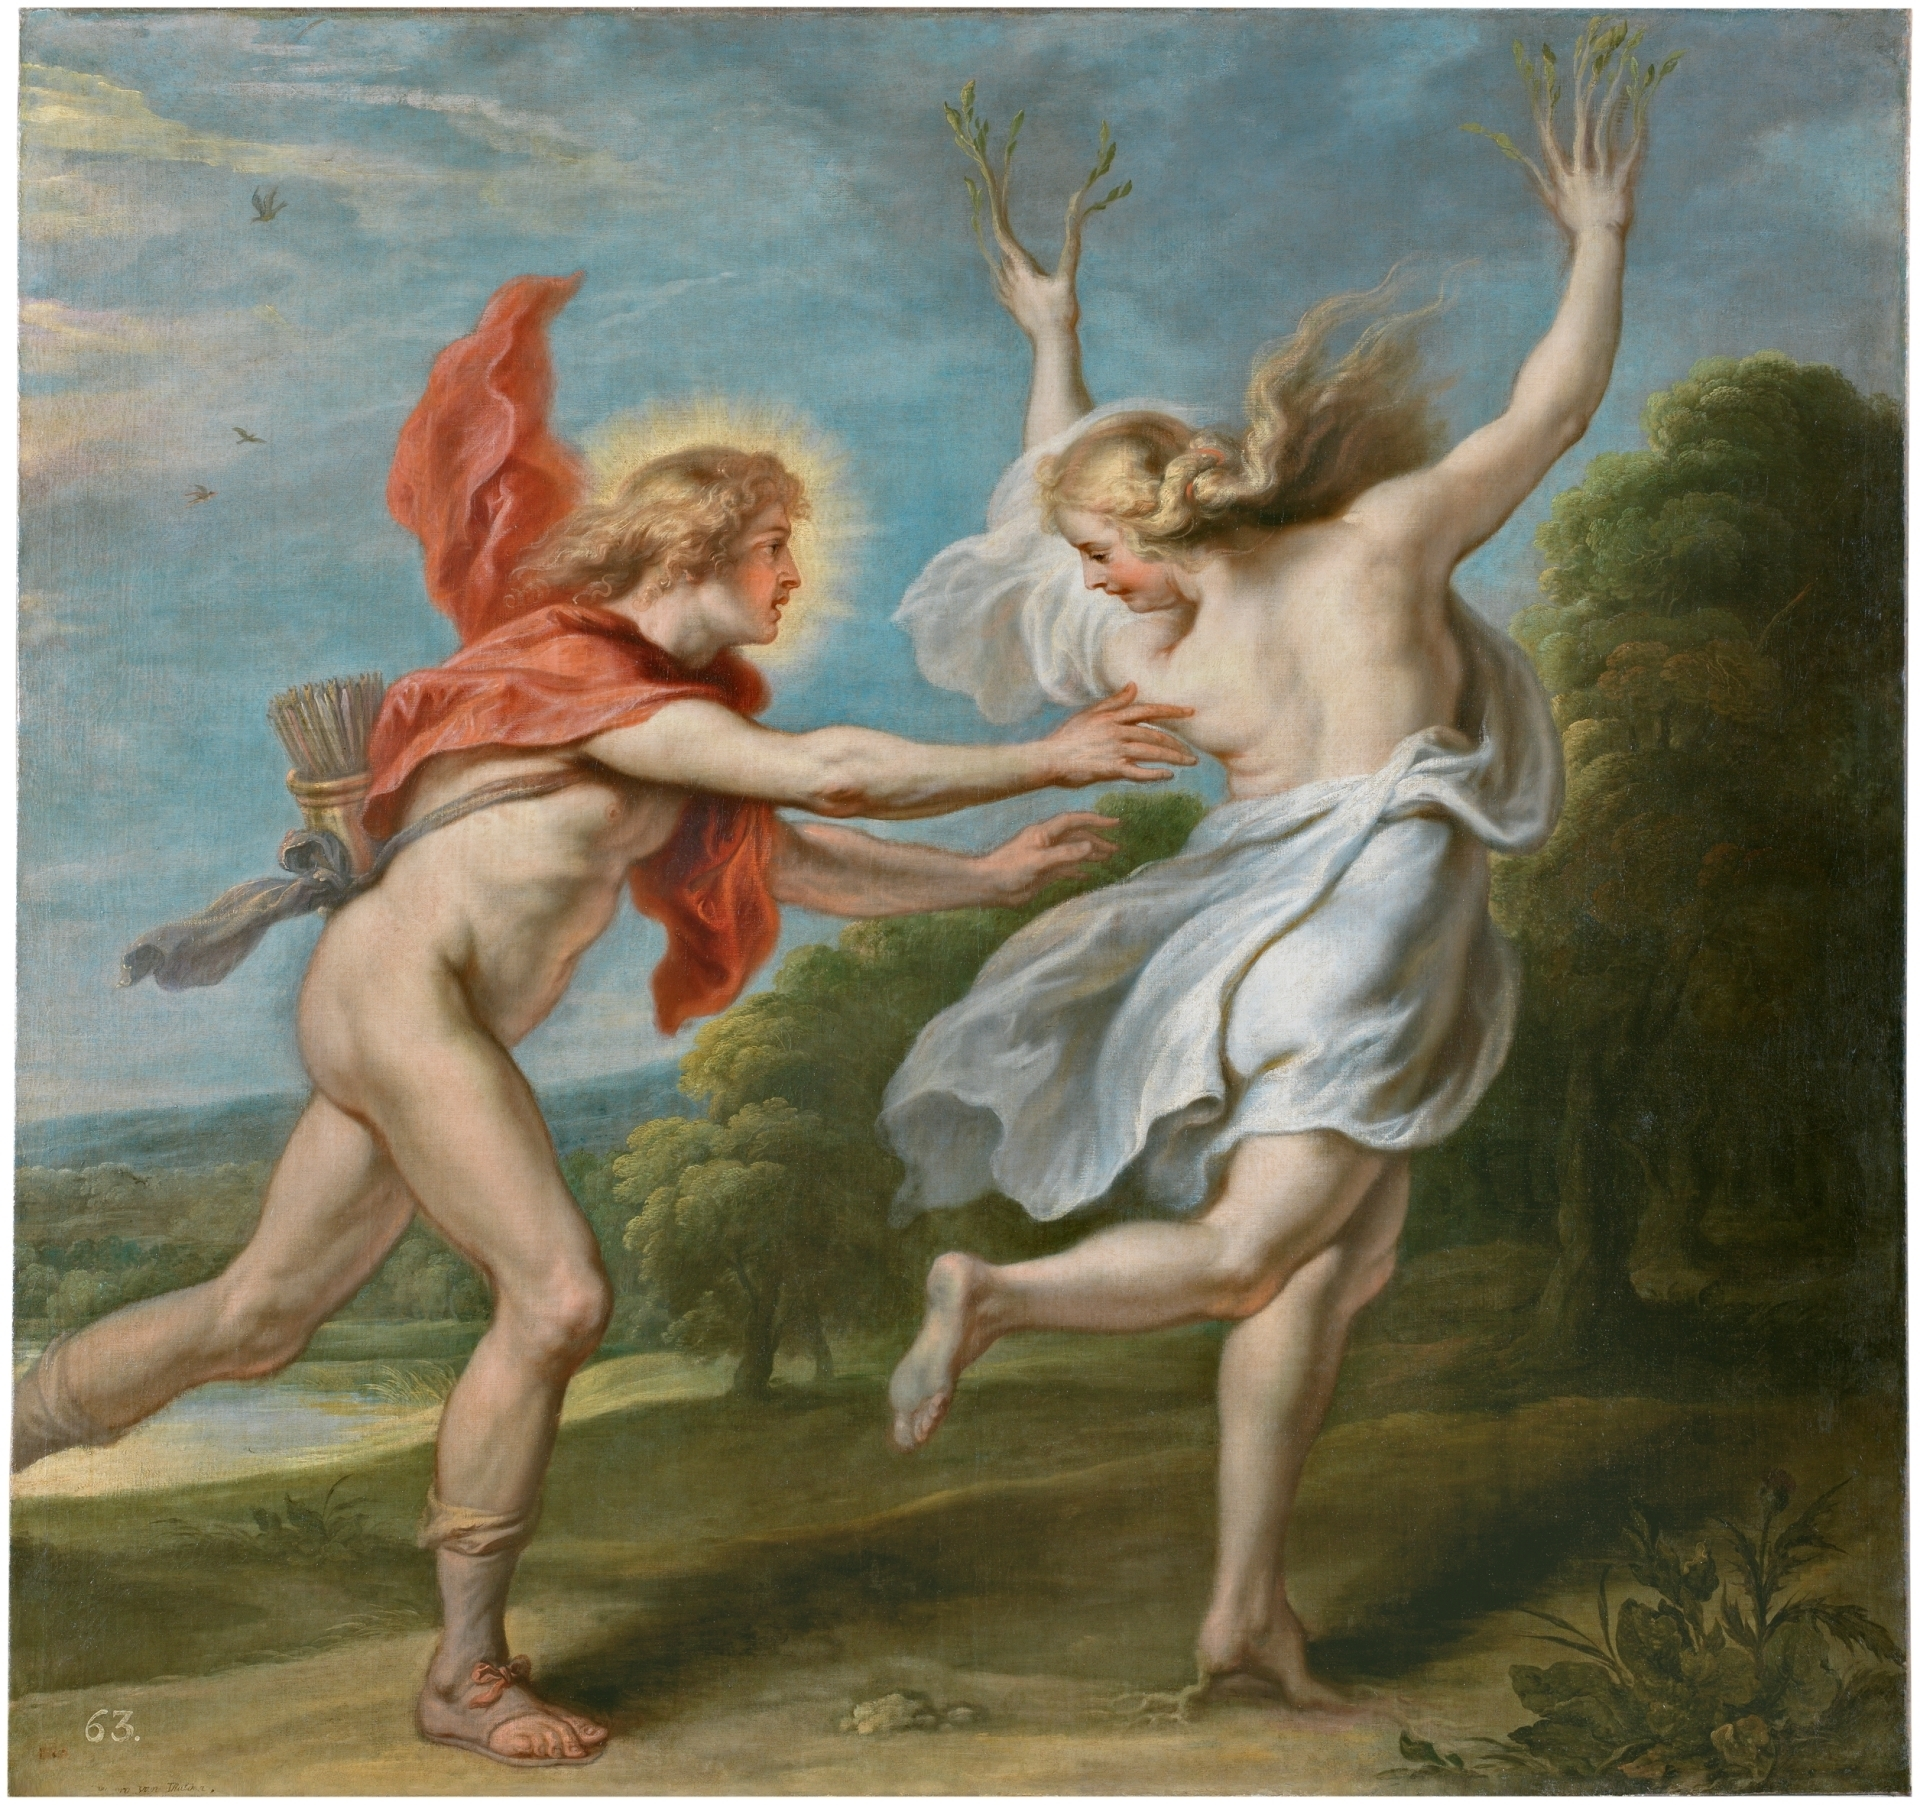 Arte y mito: los dioses del Prado